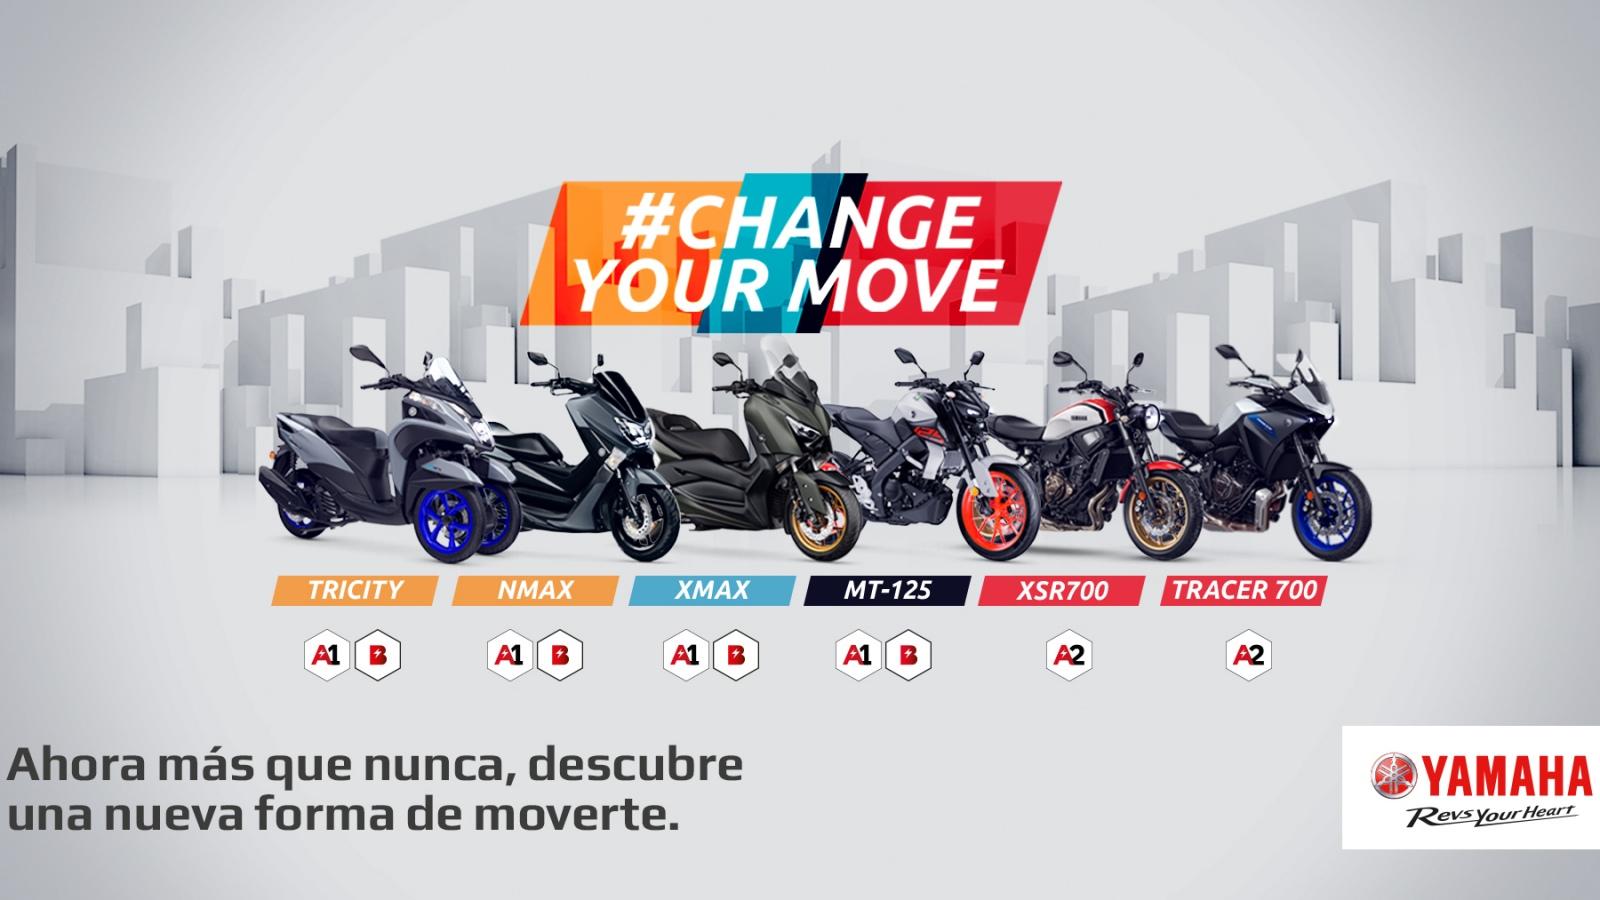 Yamaha lanza una promoción de ventas para promover la moto en la nueva movilidad